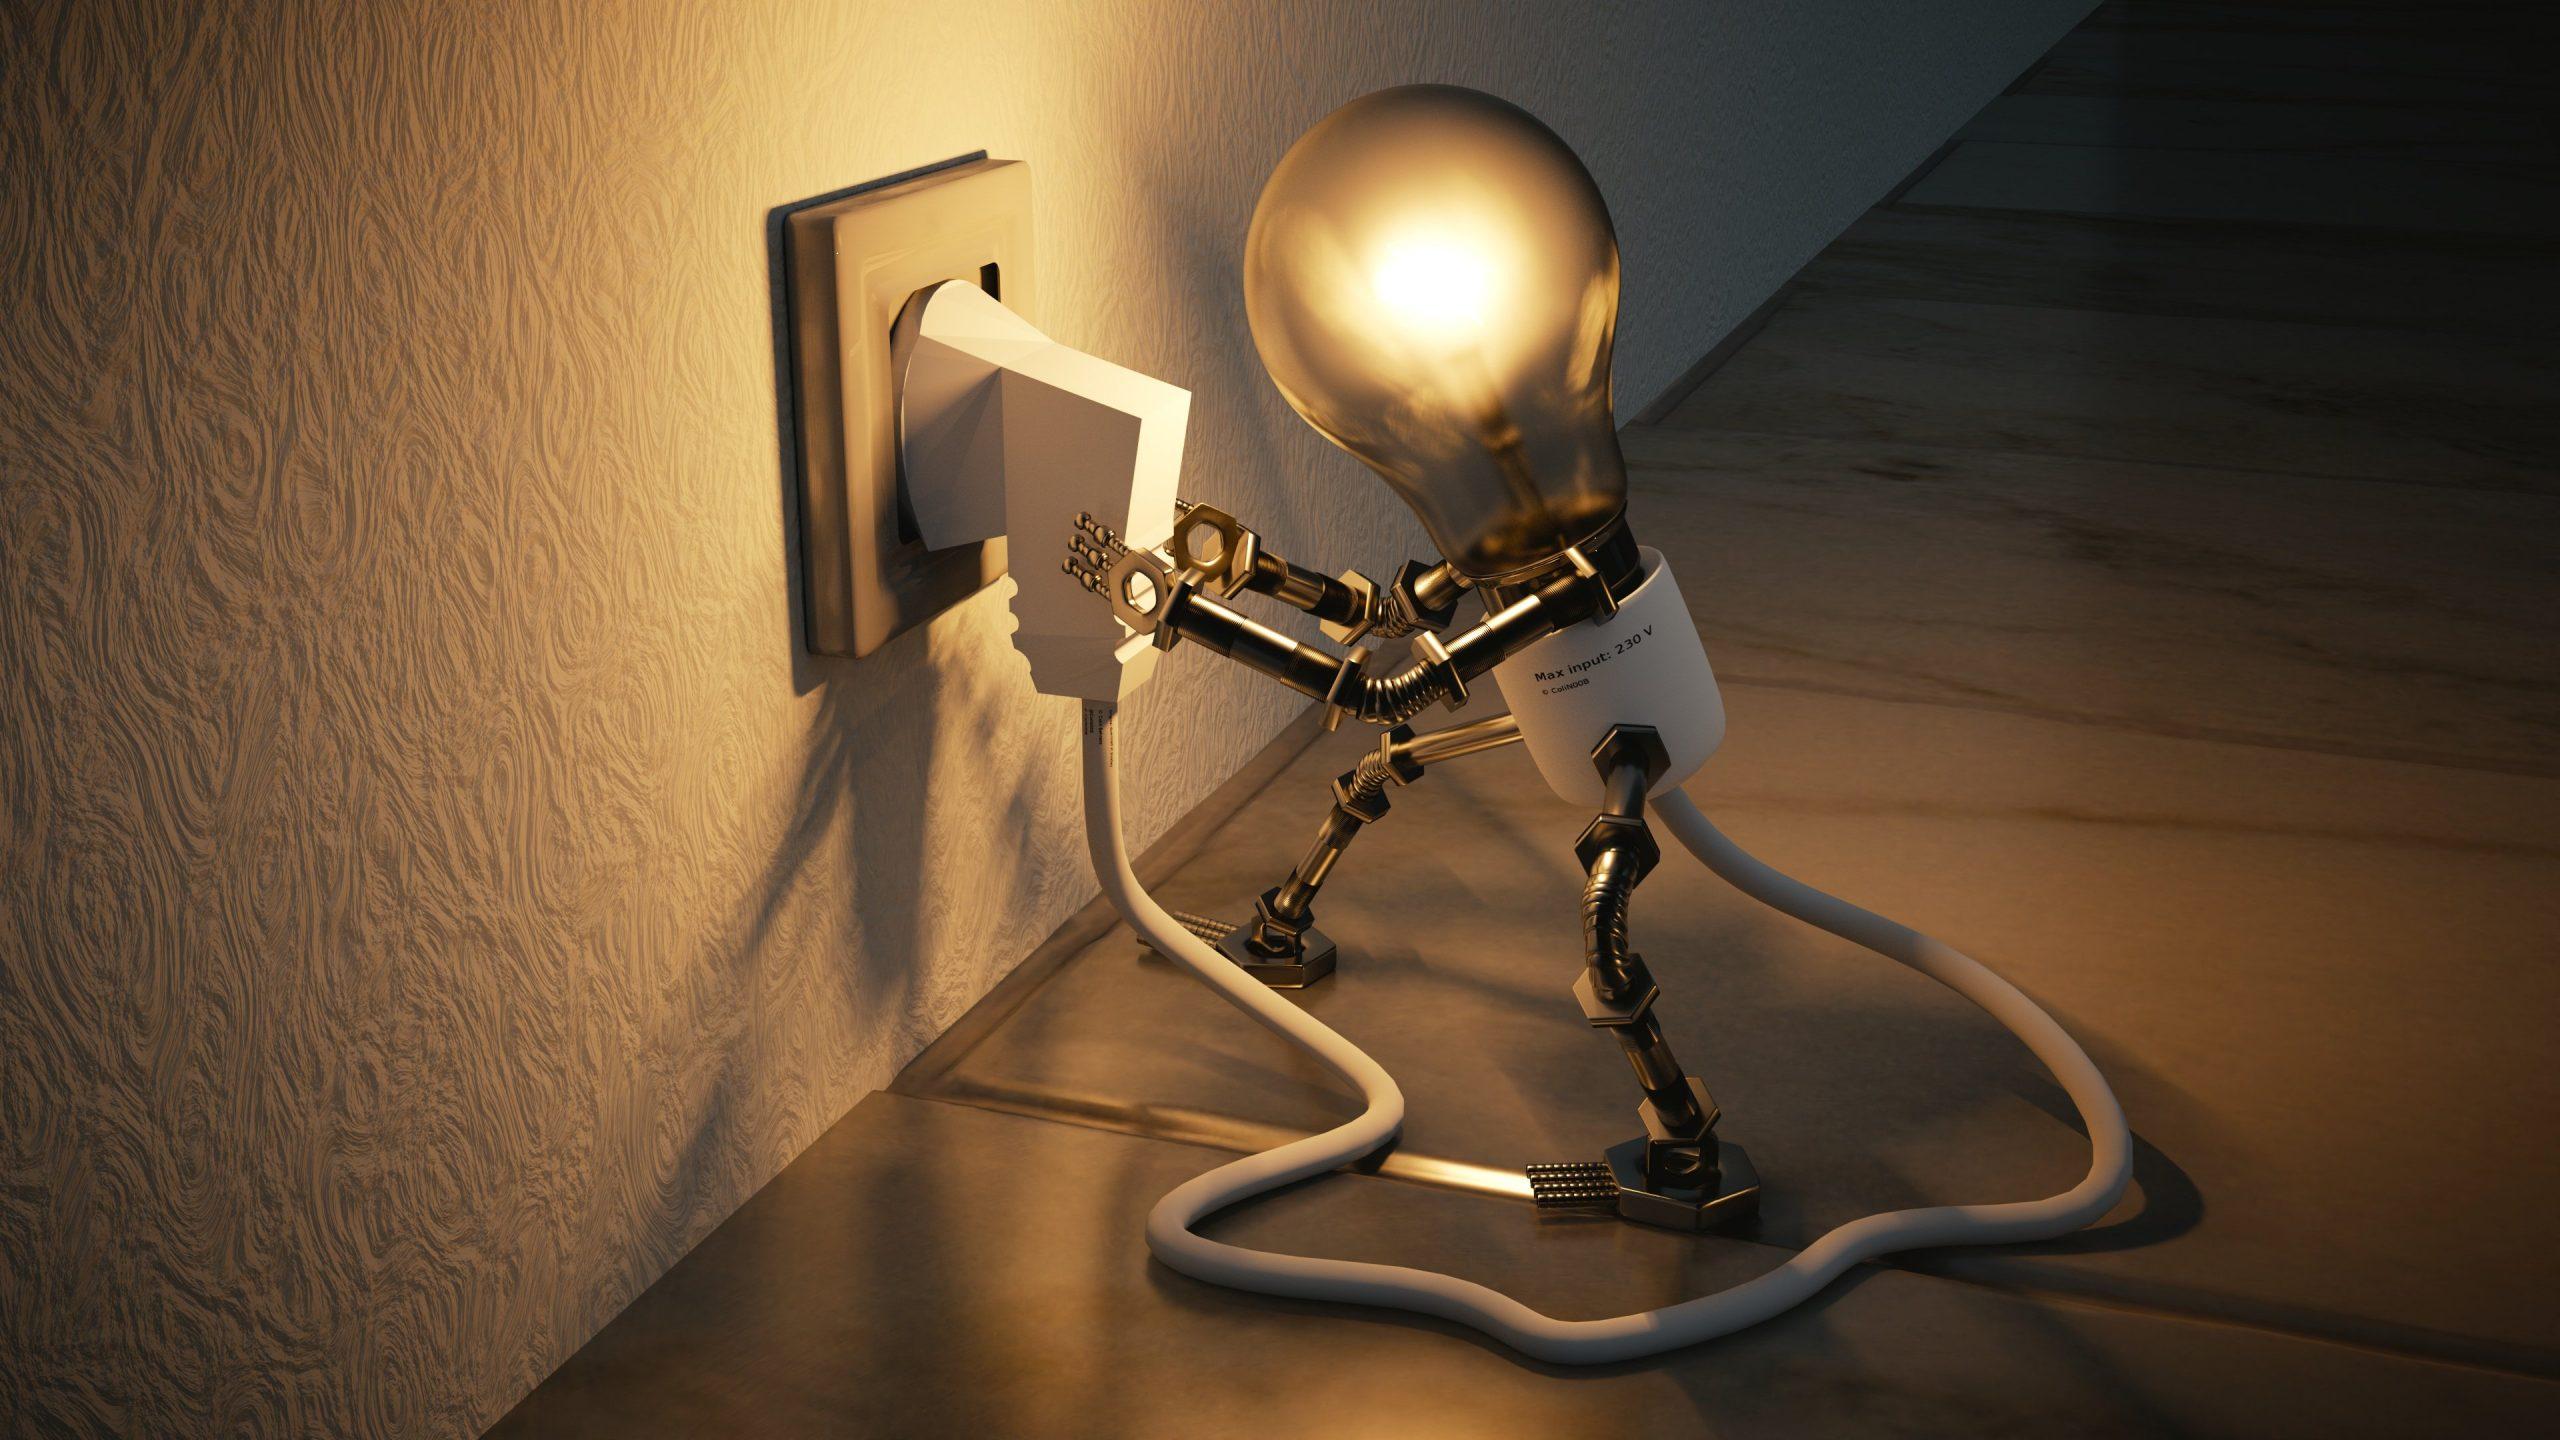 Beratung, Hotelberatung, Glühbirne steckt sich selbst in eine Steckdose ein.